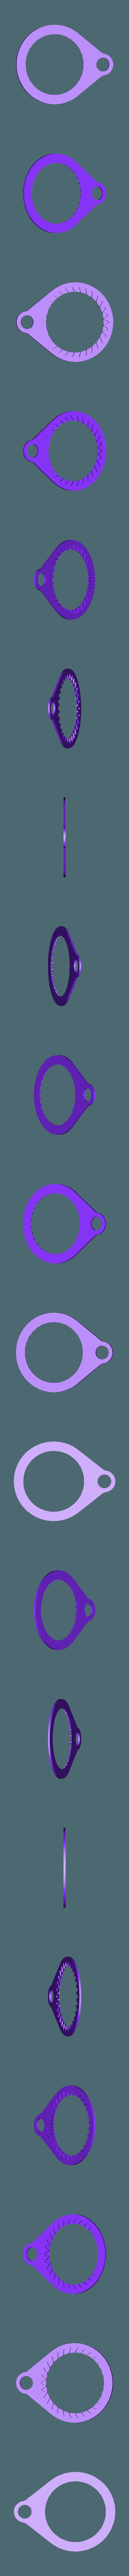 spiro-Base.stl Télécharger fichier STL gratuit SPIROGRAPH • Objet à imprimer en 3D, YEHIA